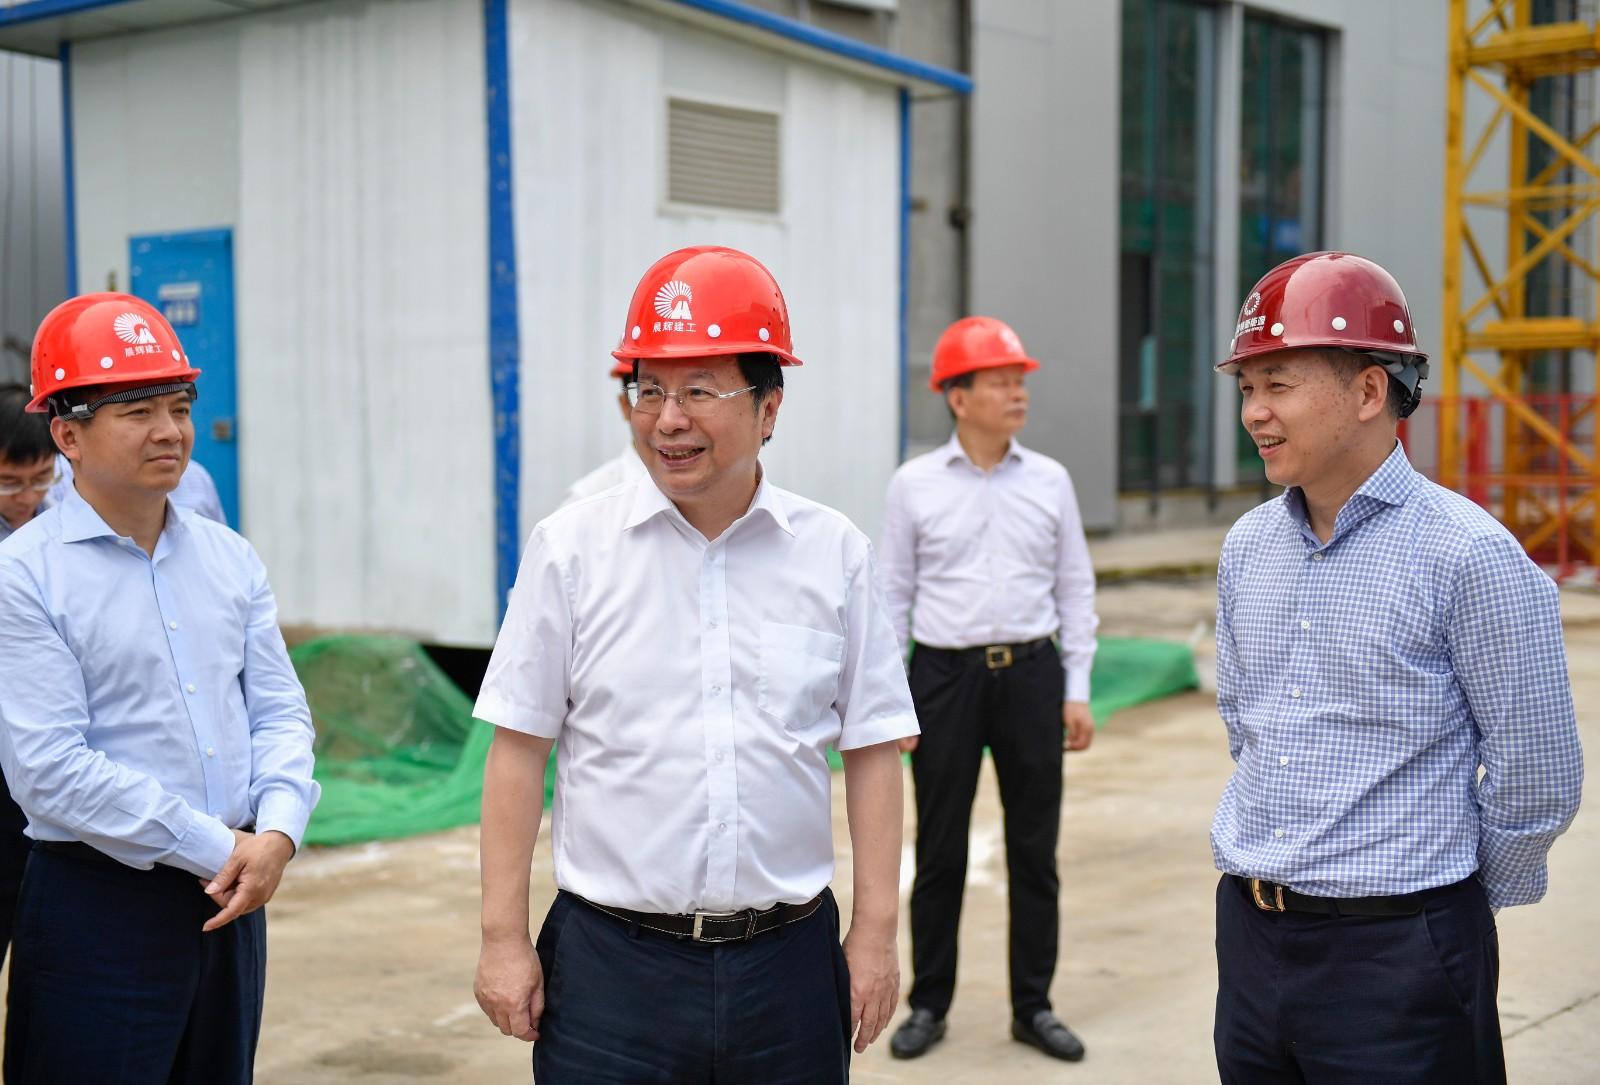 今天下午,省委常委、市委书记胡衡华在长沙高新区调研桑顿新能源项目。长沙晚报全媒体记者 余劭劼 摄